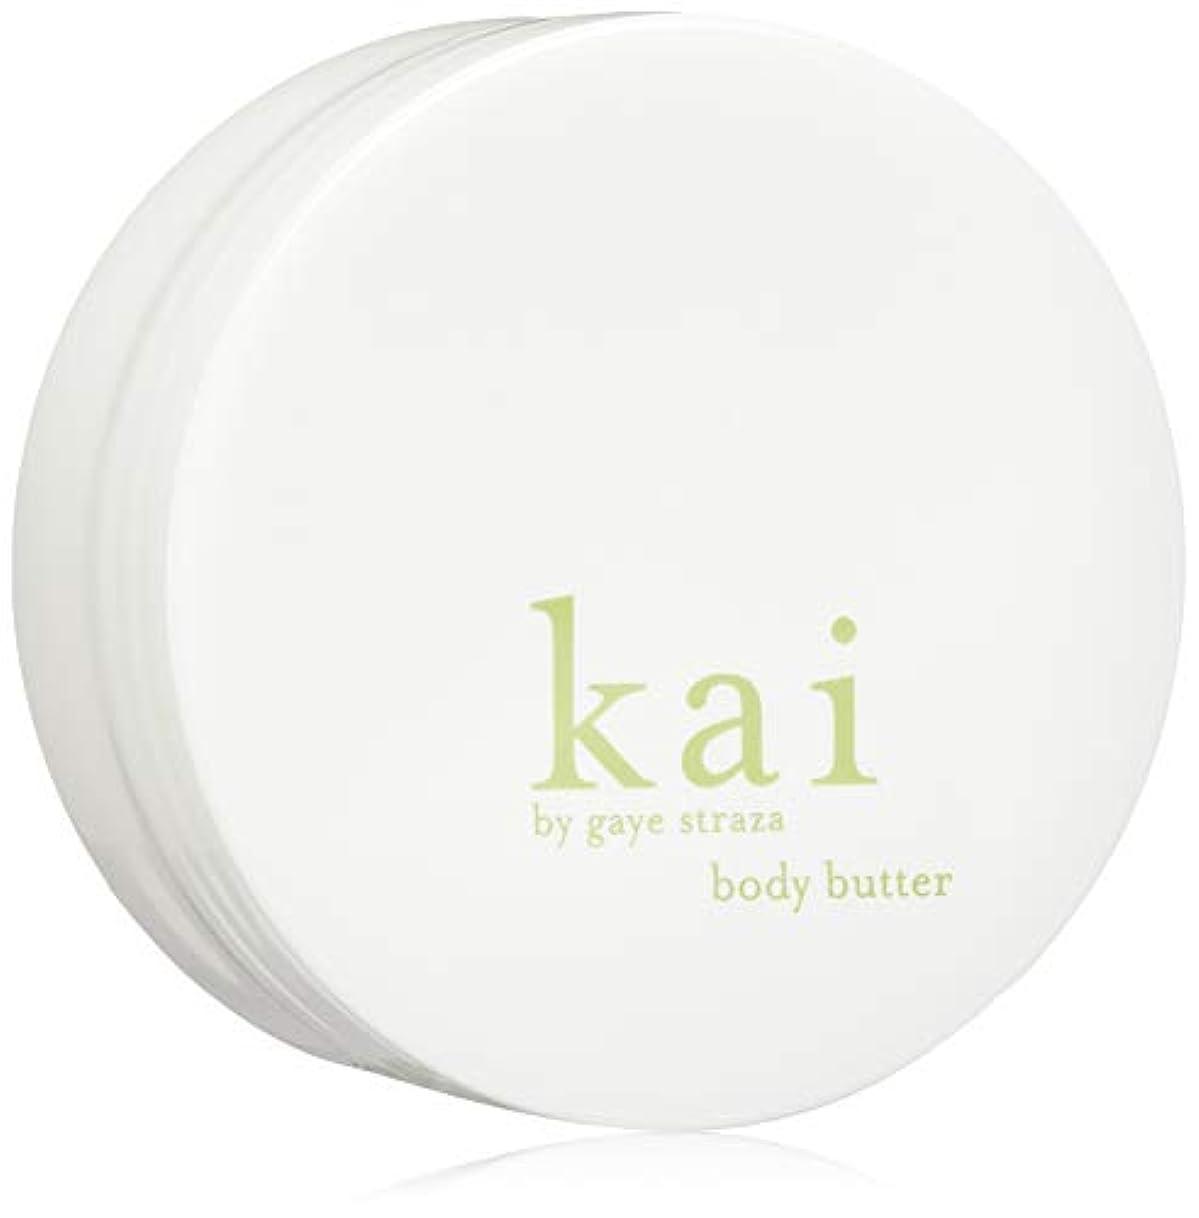 囲まれたカメラ電化するkai fragrance(カイ フレグランス) ボディバター 181g